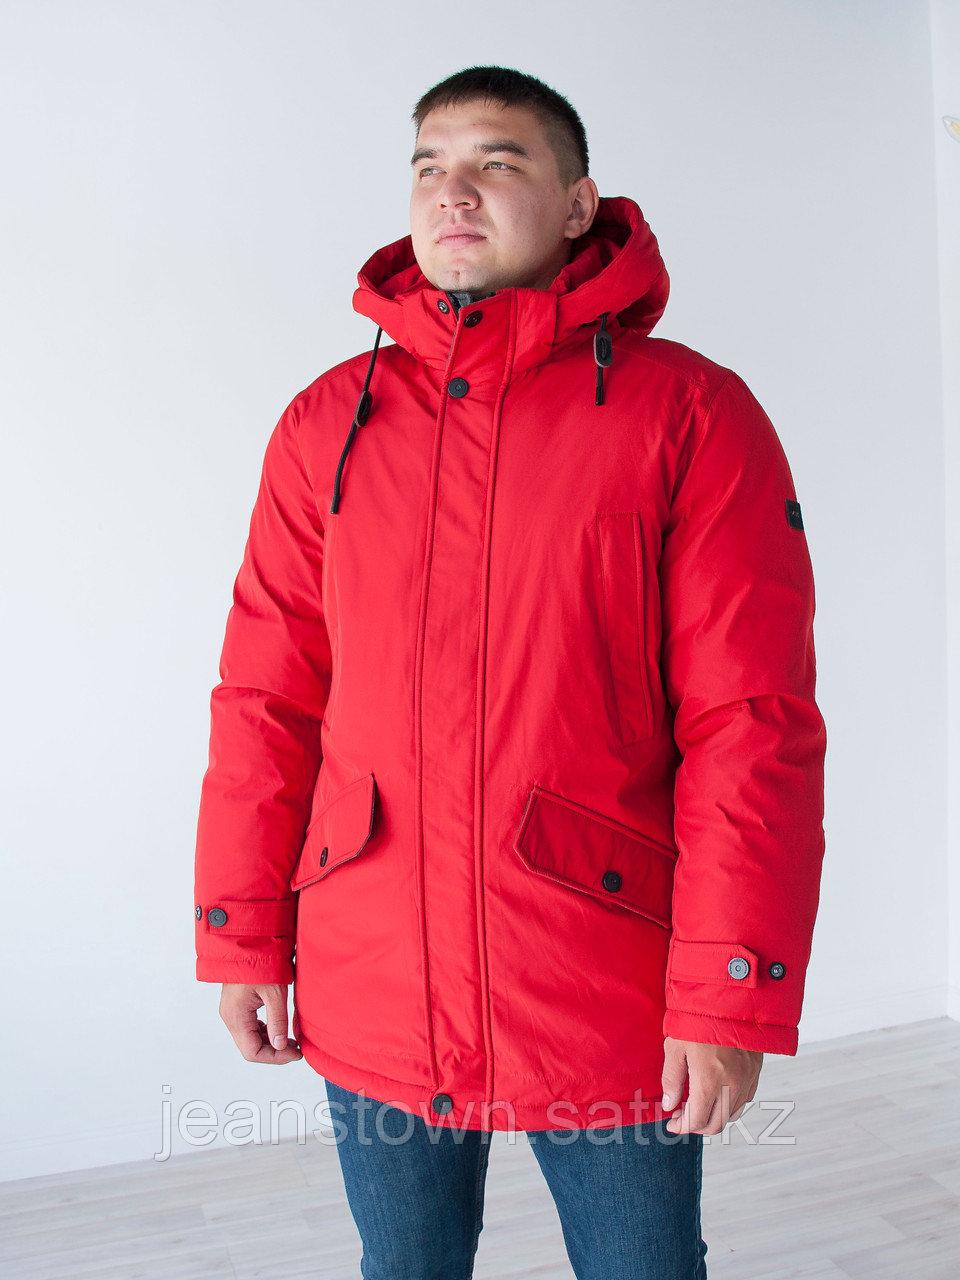 Длинная  зимняя мужская куртка  KINGS WIND   красная